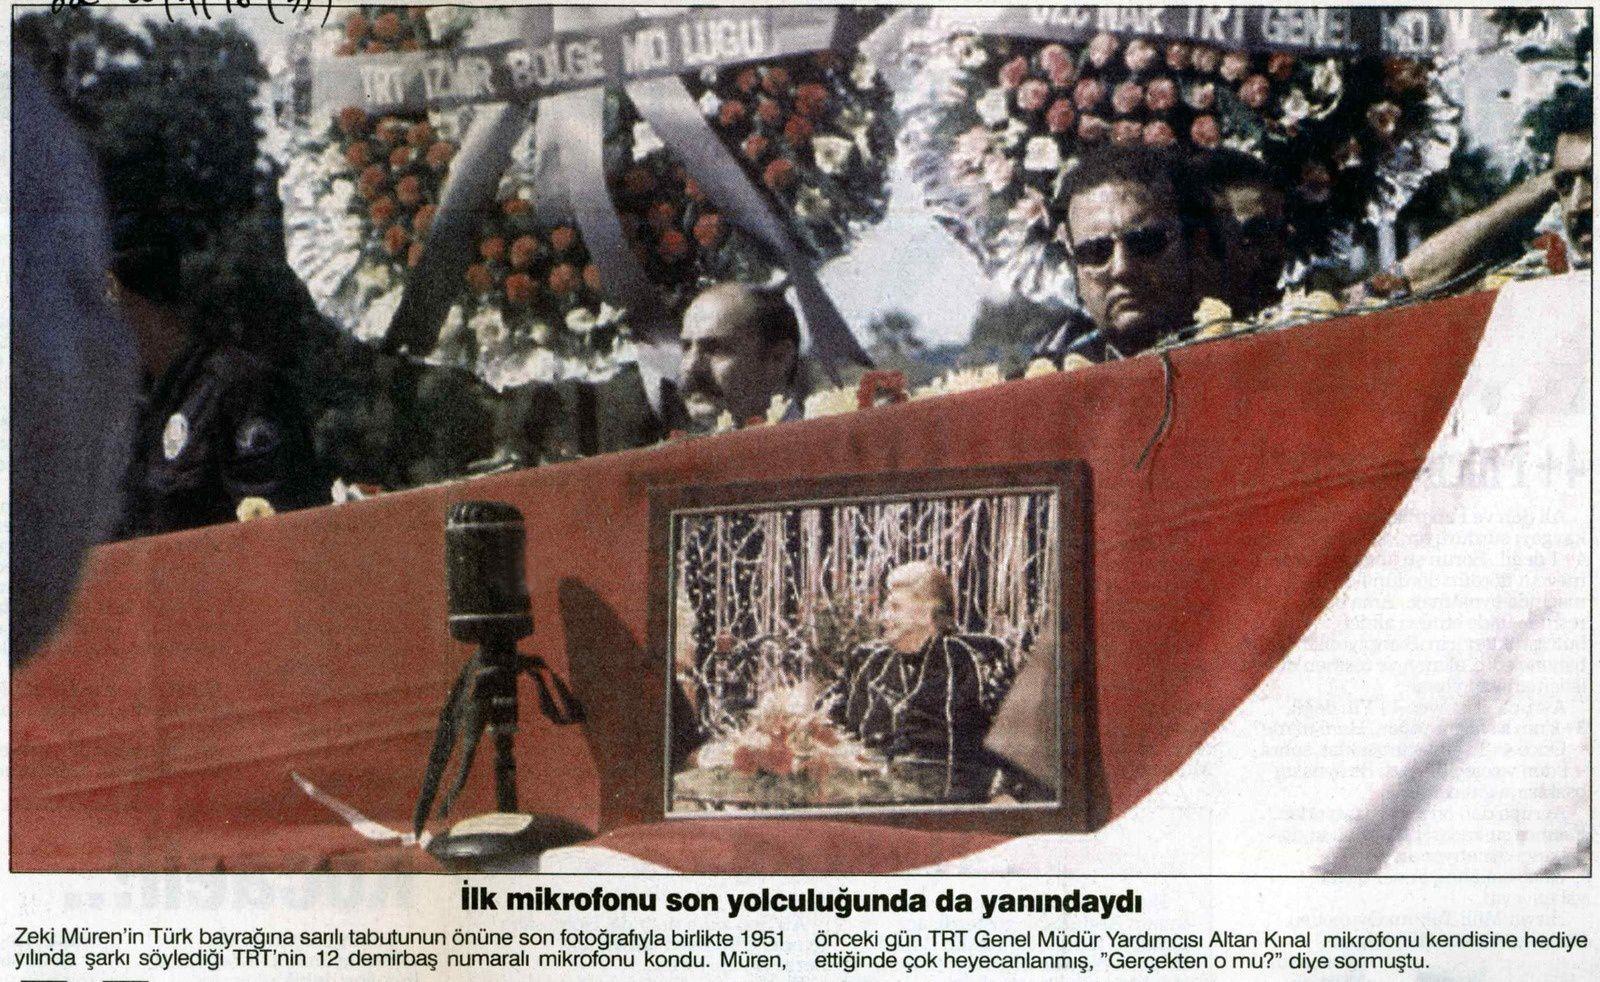 Devant le catafalque, la photo de la dernière apparition de Zeki Müren, et le micro qui a enregistré sa première prestation à la radio. Photo Sabah, 28 septembre 1996